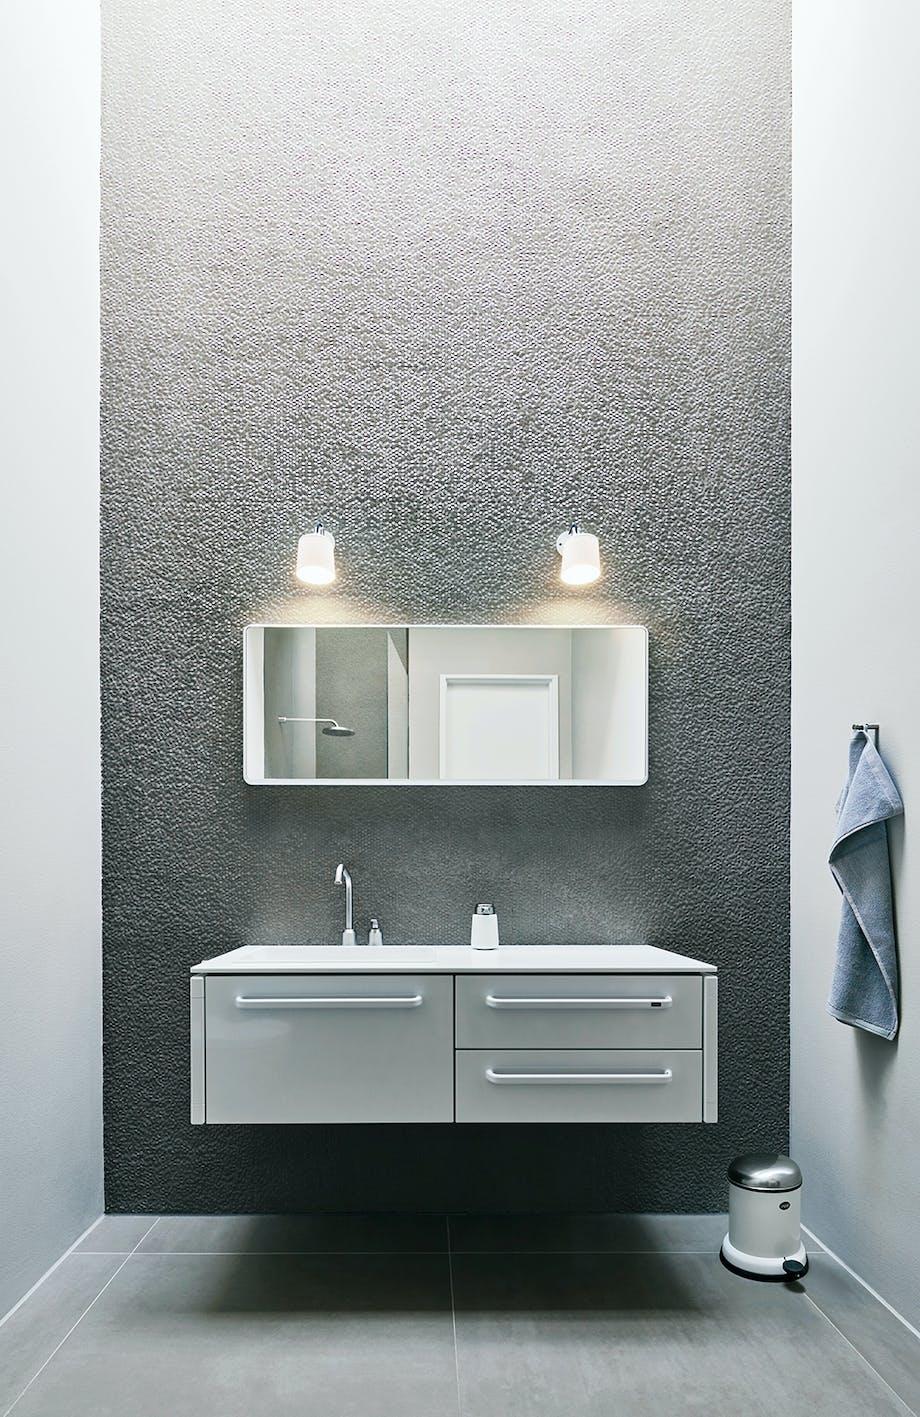 badeværelse vipp møbel hvidt skraldespand